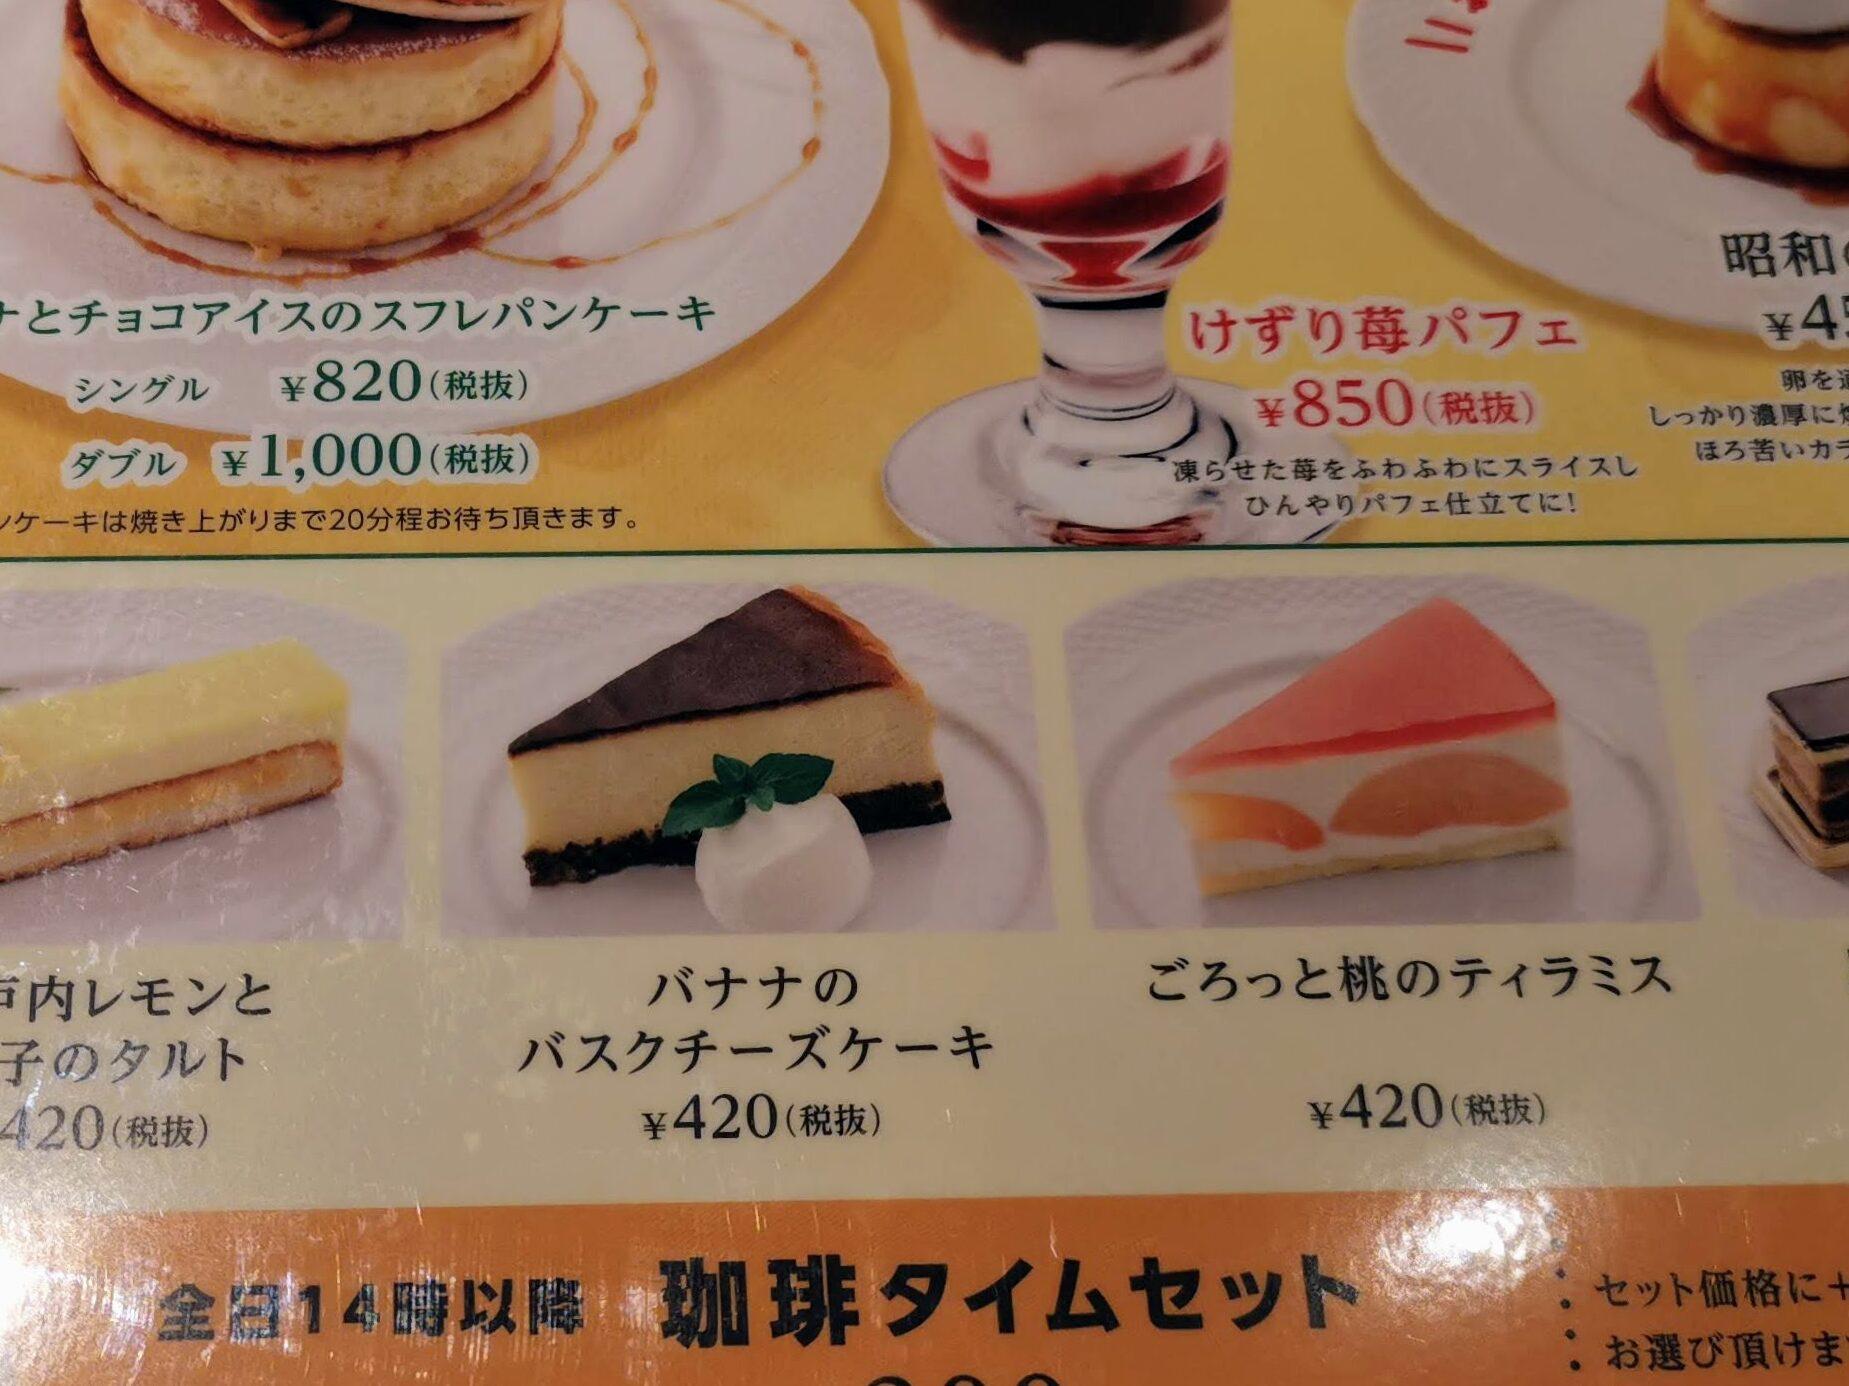 星乃珈琲店 バナナのバスクチーズケーキ (13)